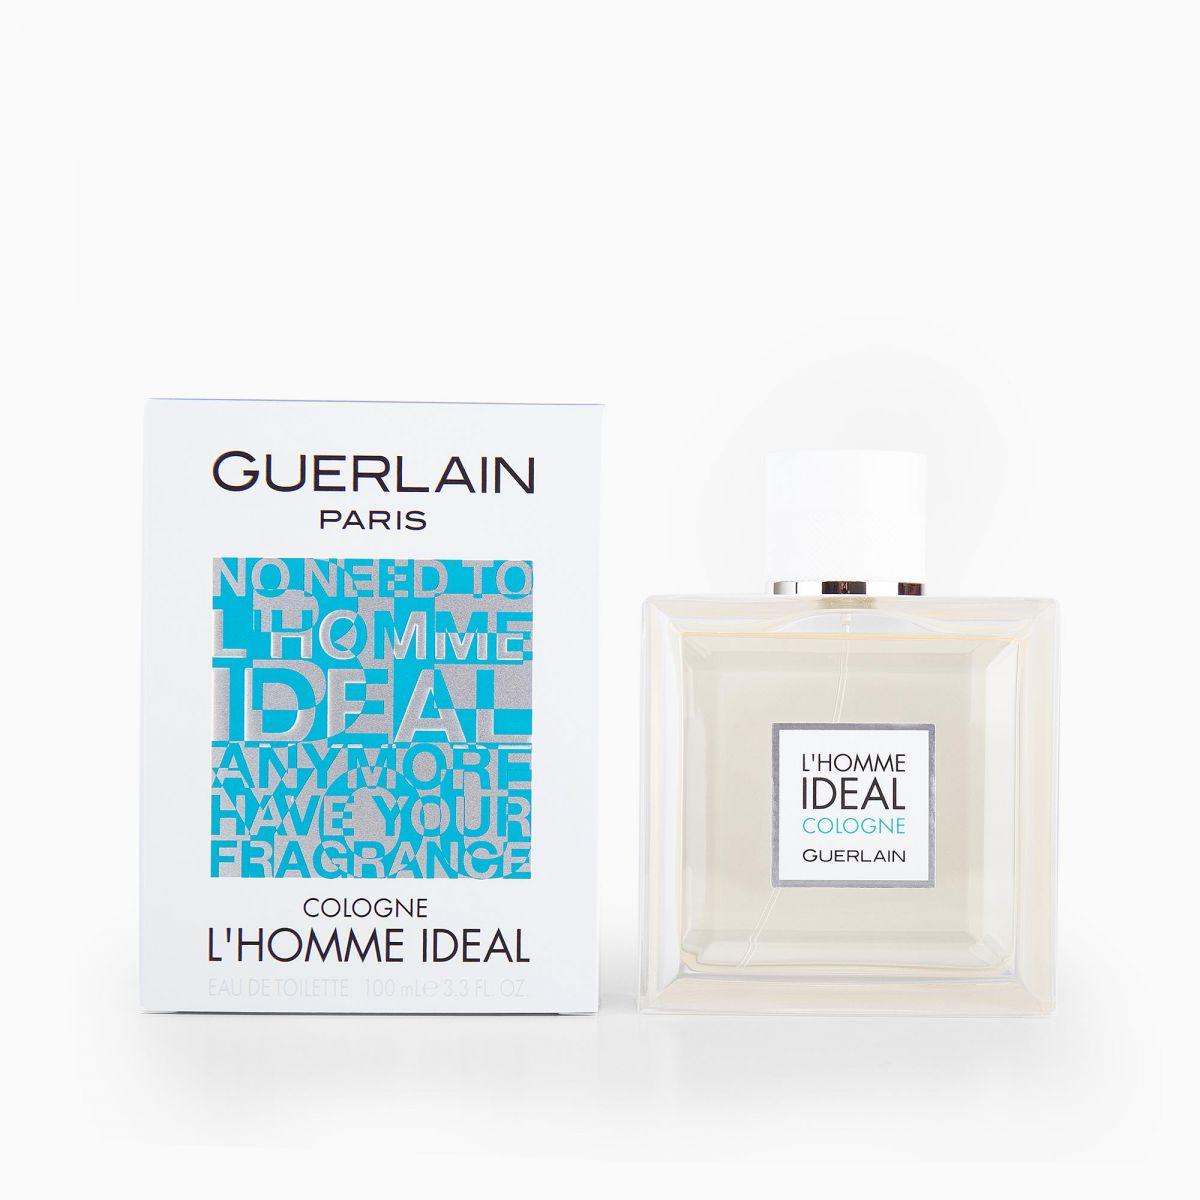 Toilette Parfum Idéal Homme De Cologne 100ml L'homme Guerlain Eau b6gyf7Y